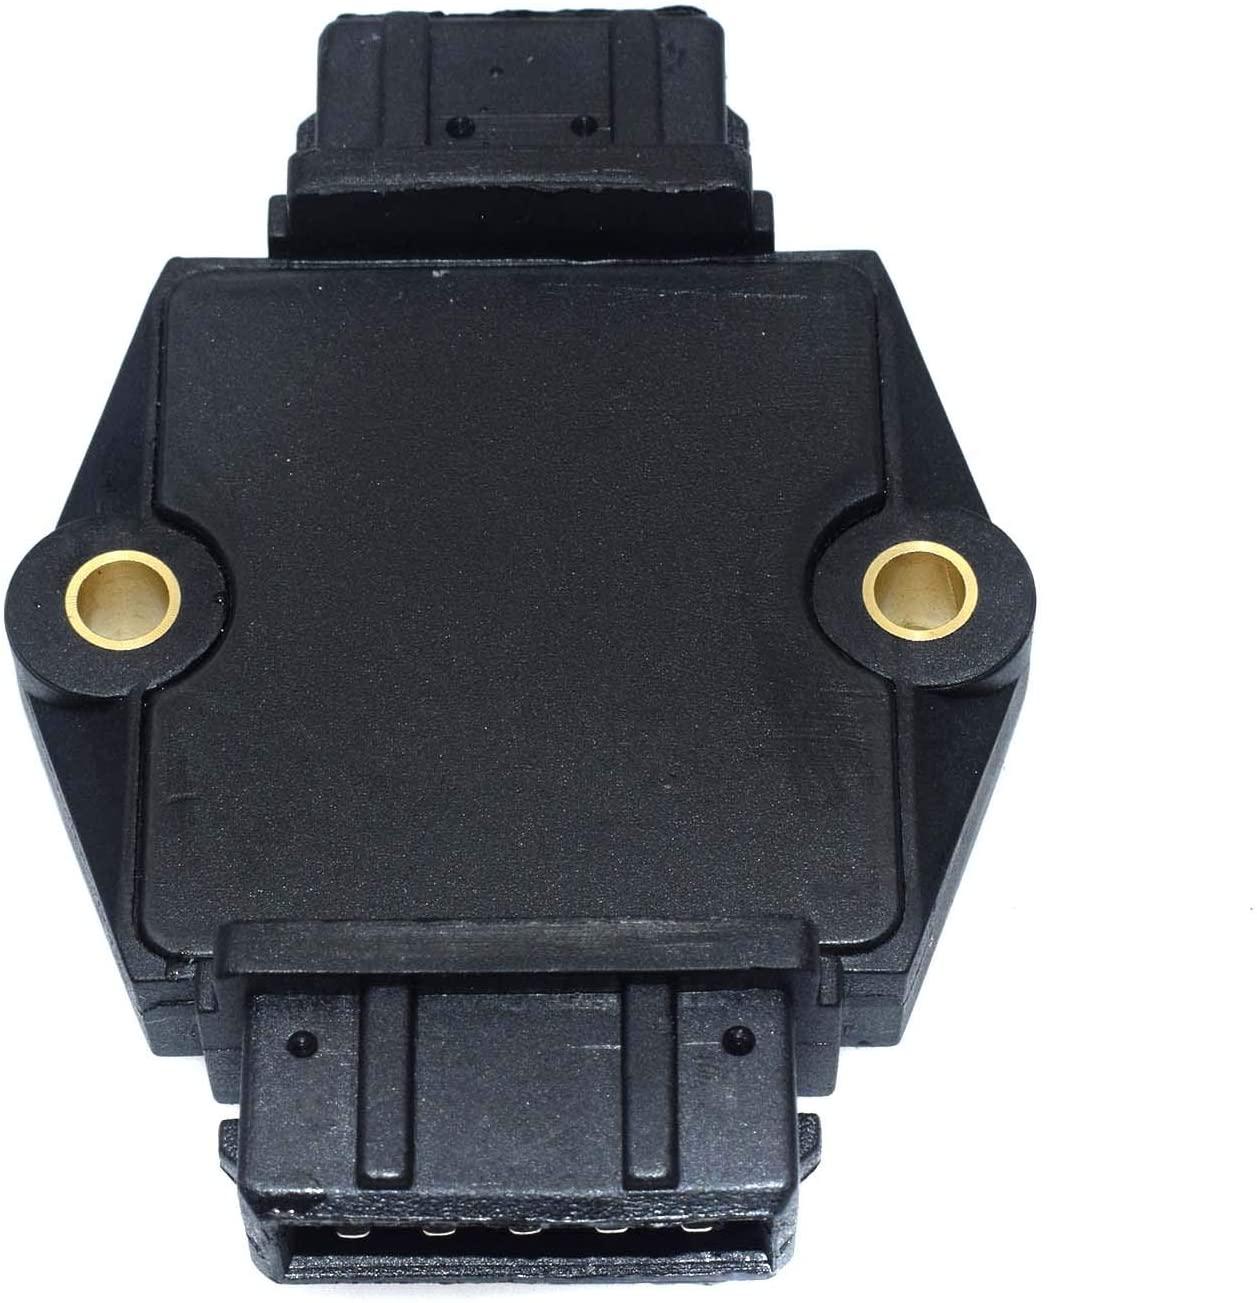 Ignition Control Module New 4D0905351 For Audi A4 A8 Quattro VW Beetle Passat1997-2000